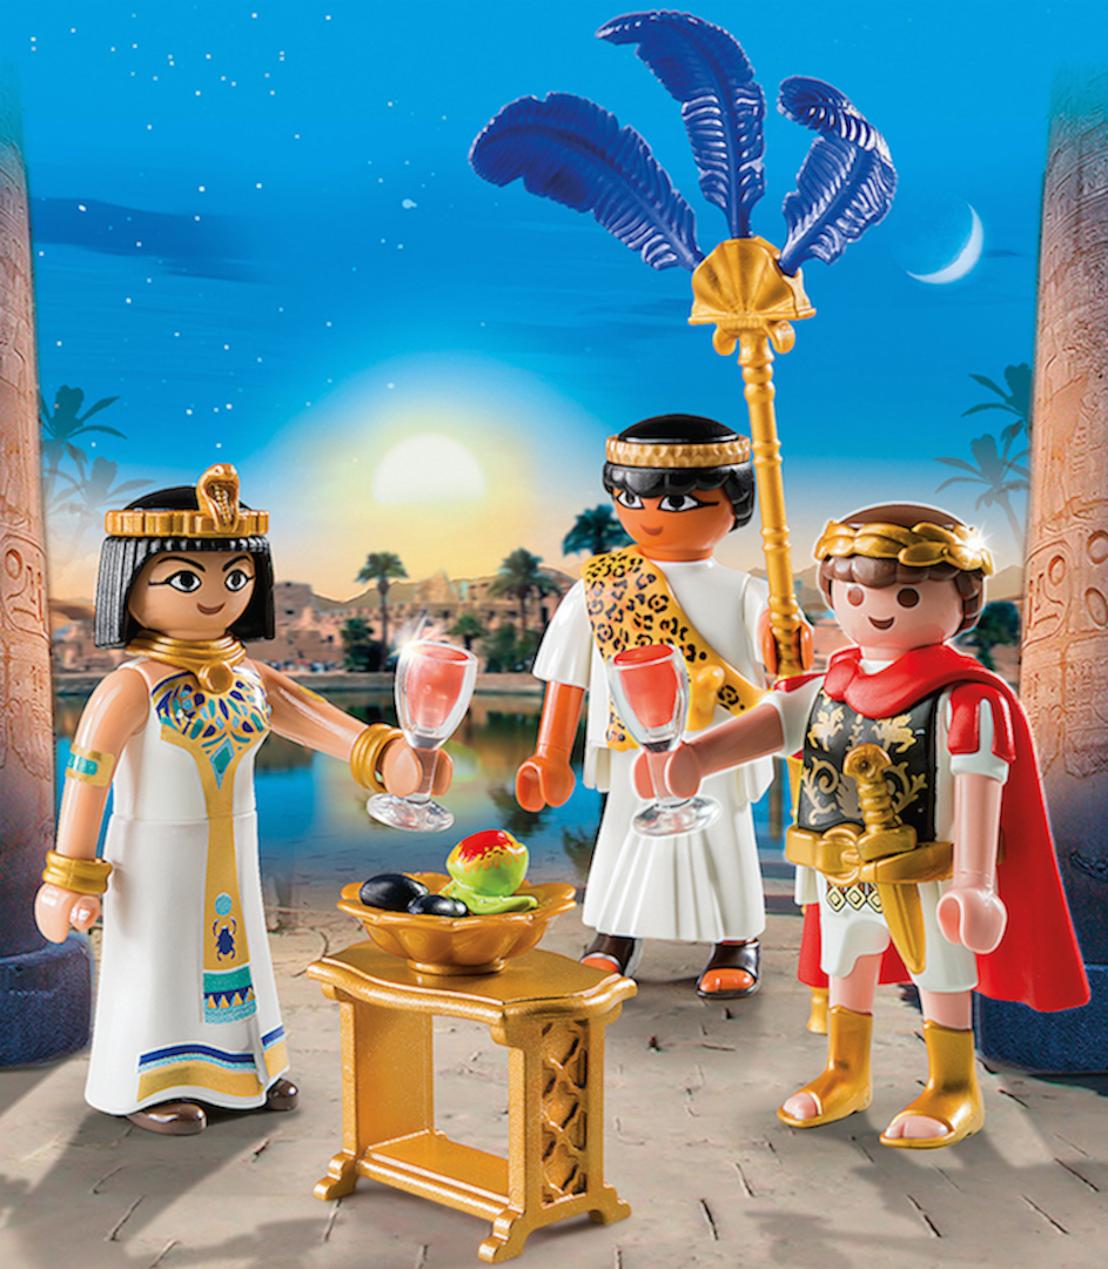 PLAYMOBIL - Sta oog in oog met Cleopatra, vecht zij aan zij met Caesar!